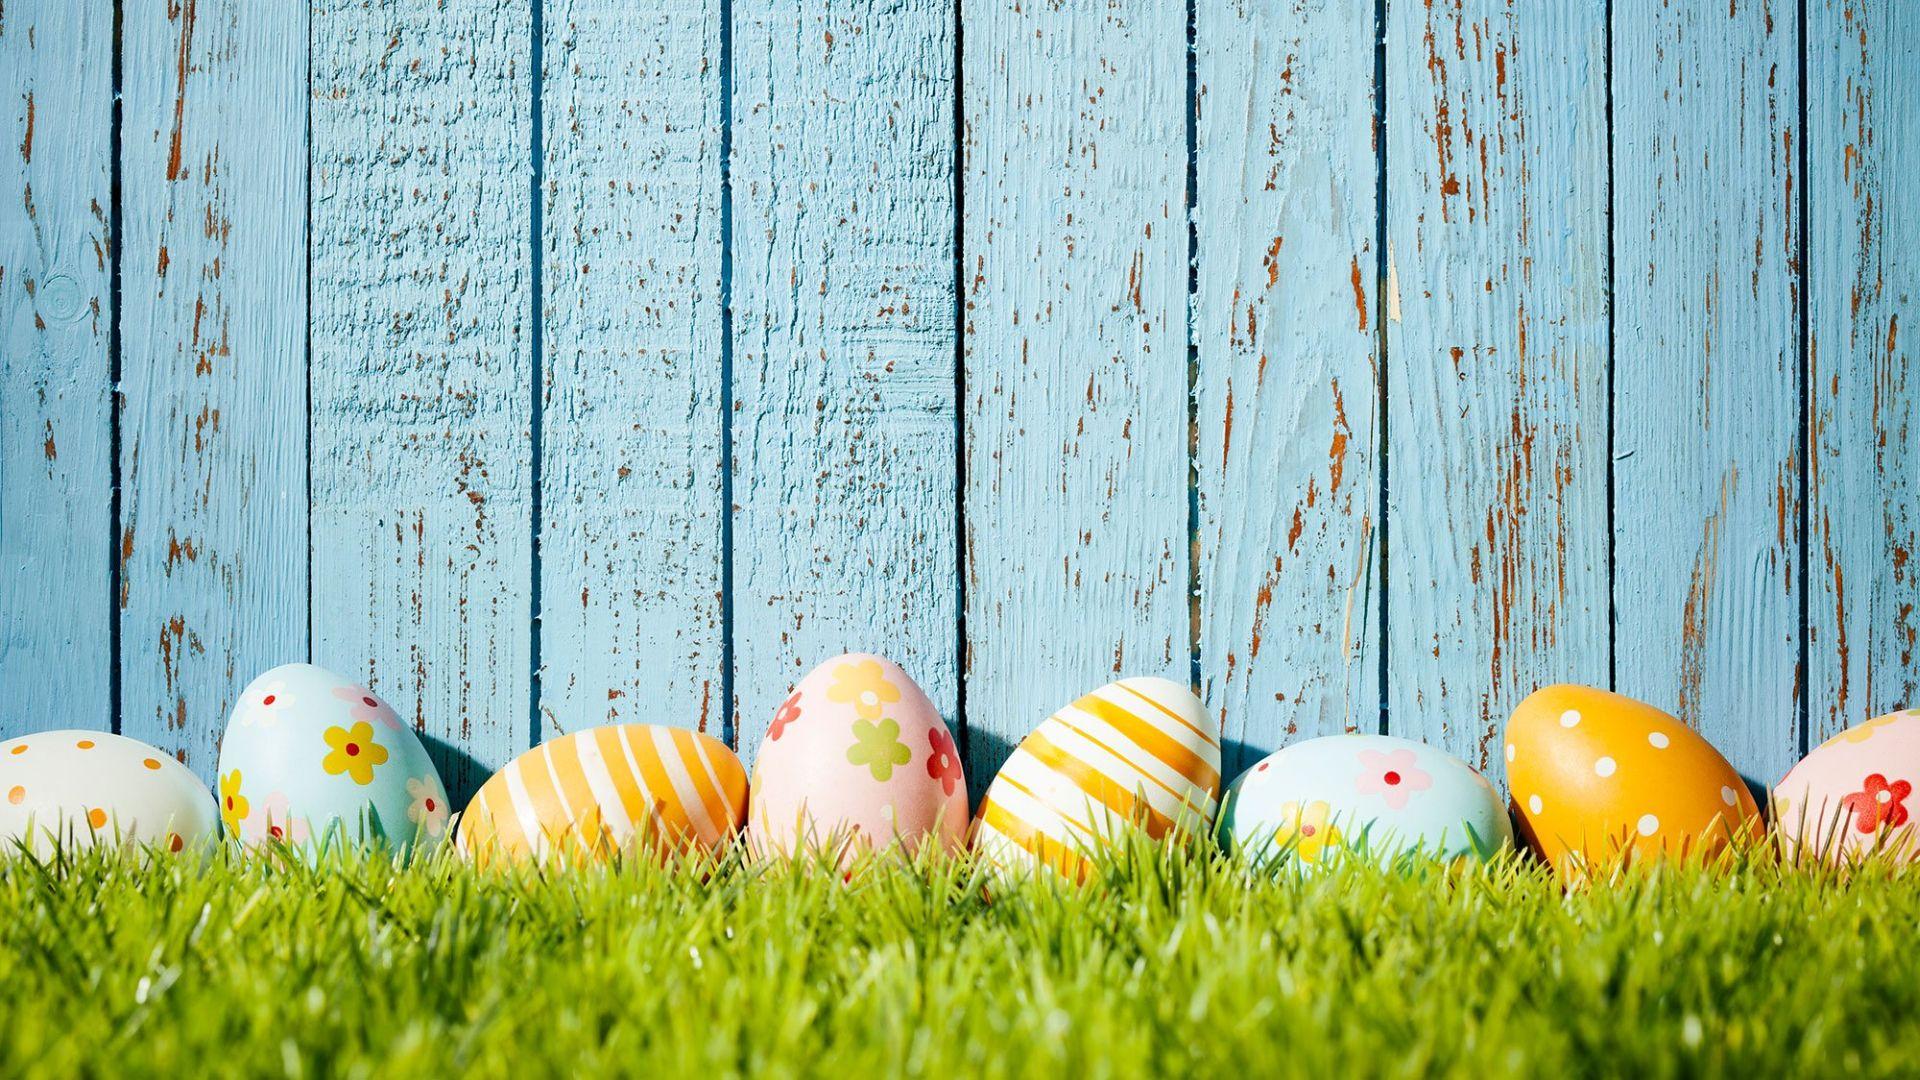 grass easter eggs